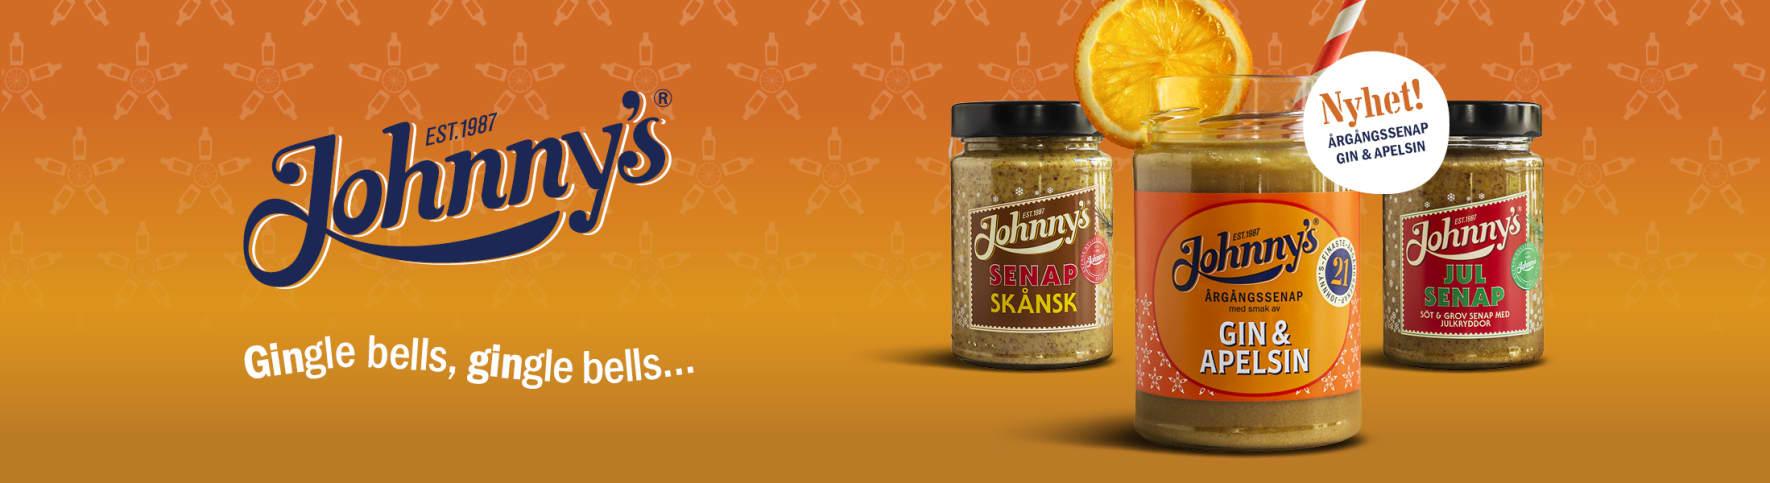 Johnnys Årgångssenap Gin Apelsin